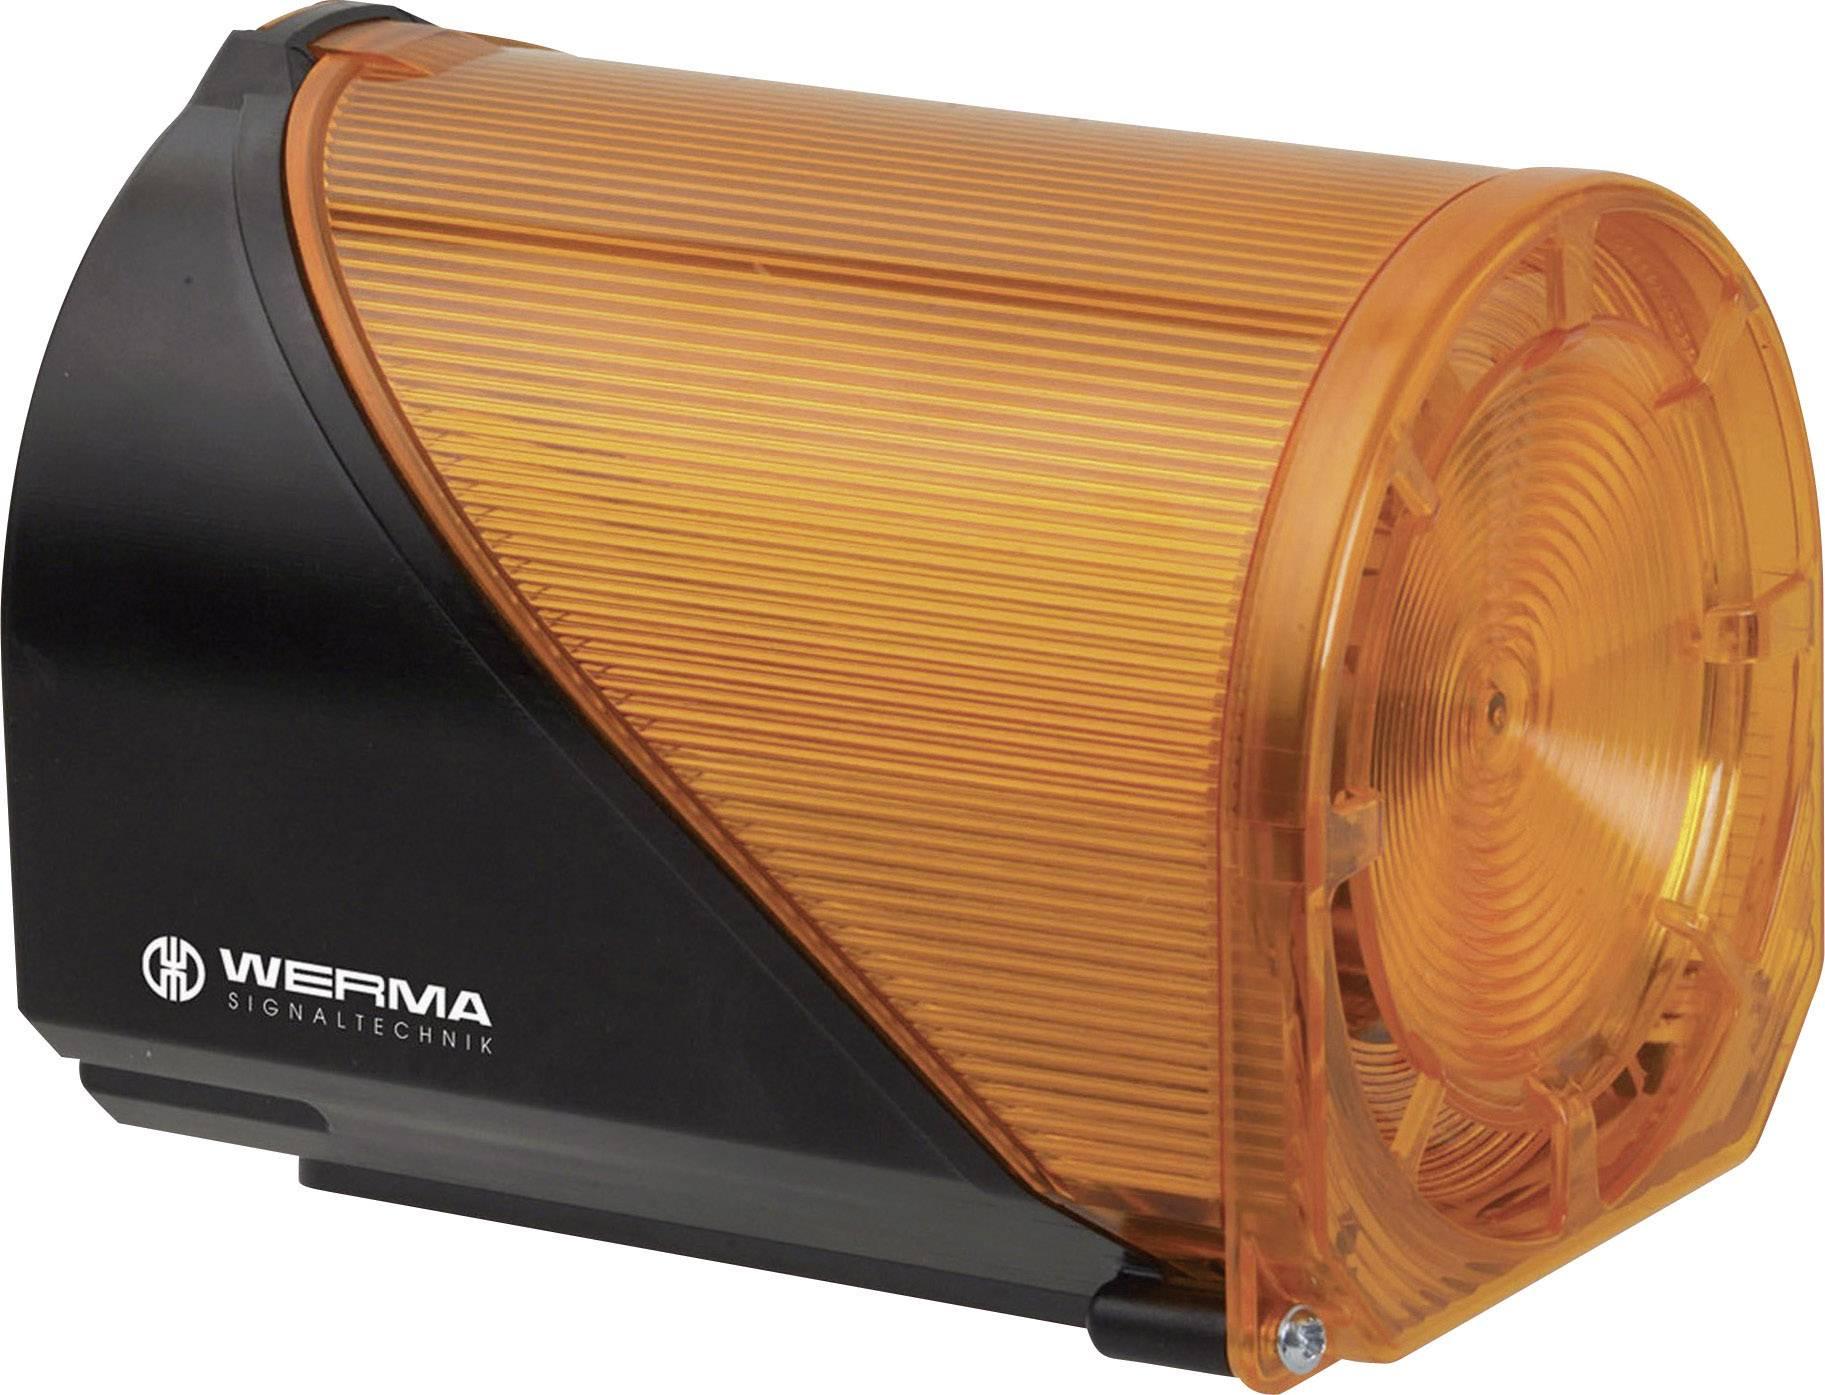 Kombinované signalizačné zariadenie Werma Signaltechnik 444.310.68, 114 dB, 230 V/AC, žltá